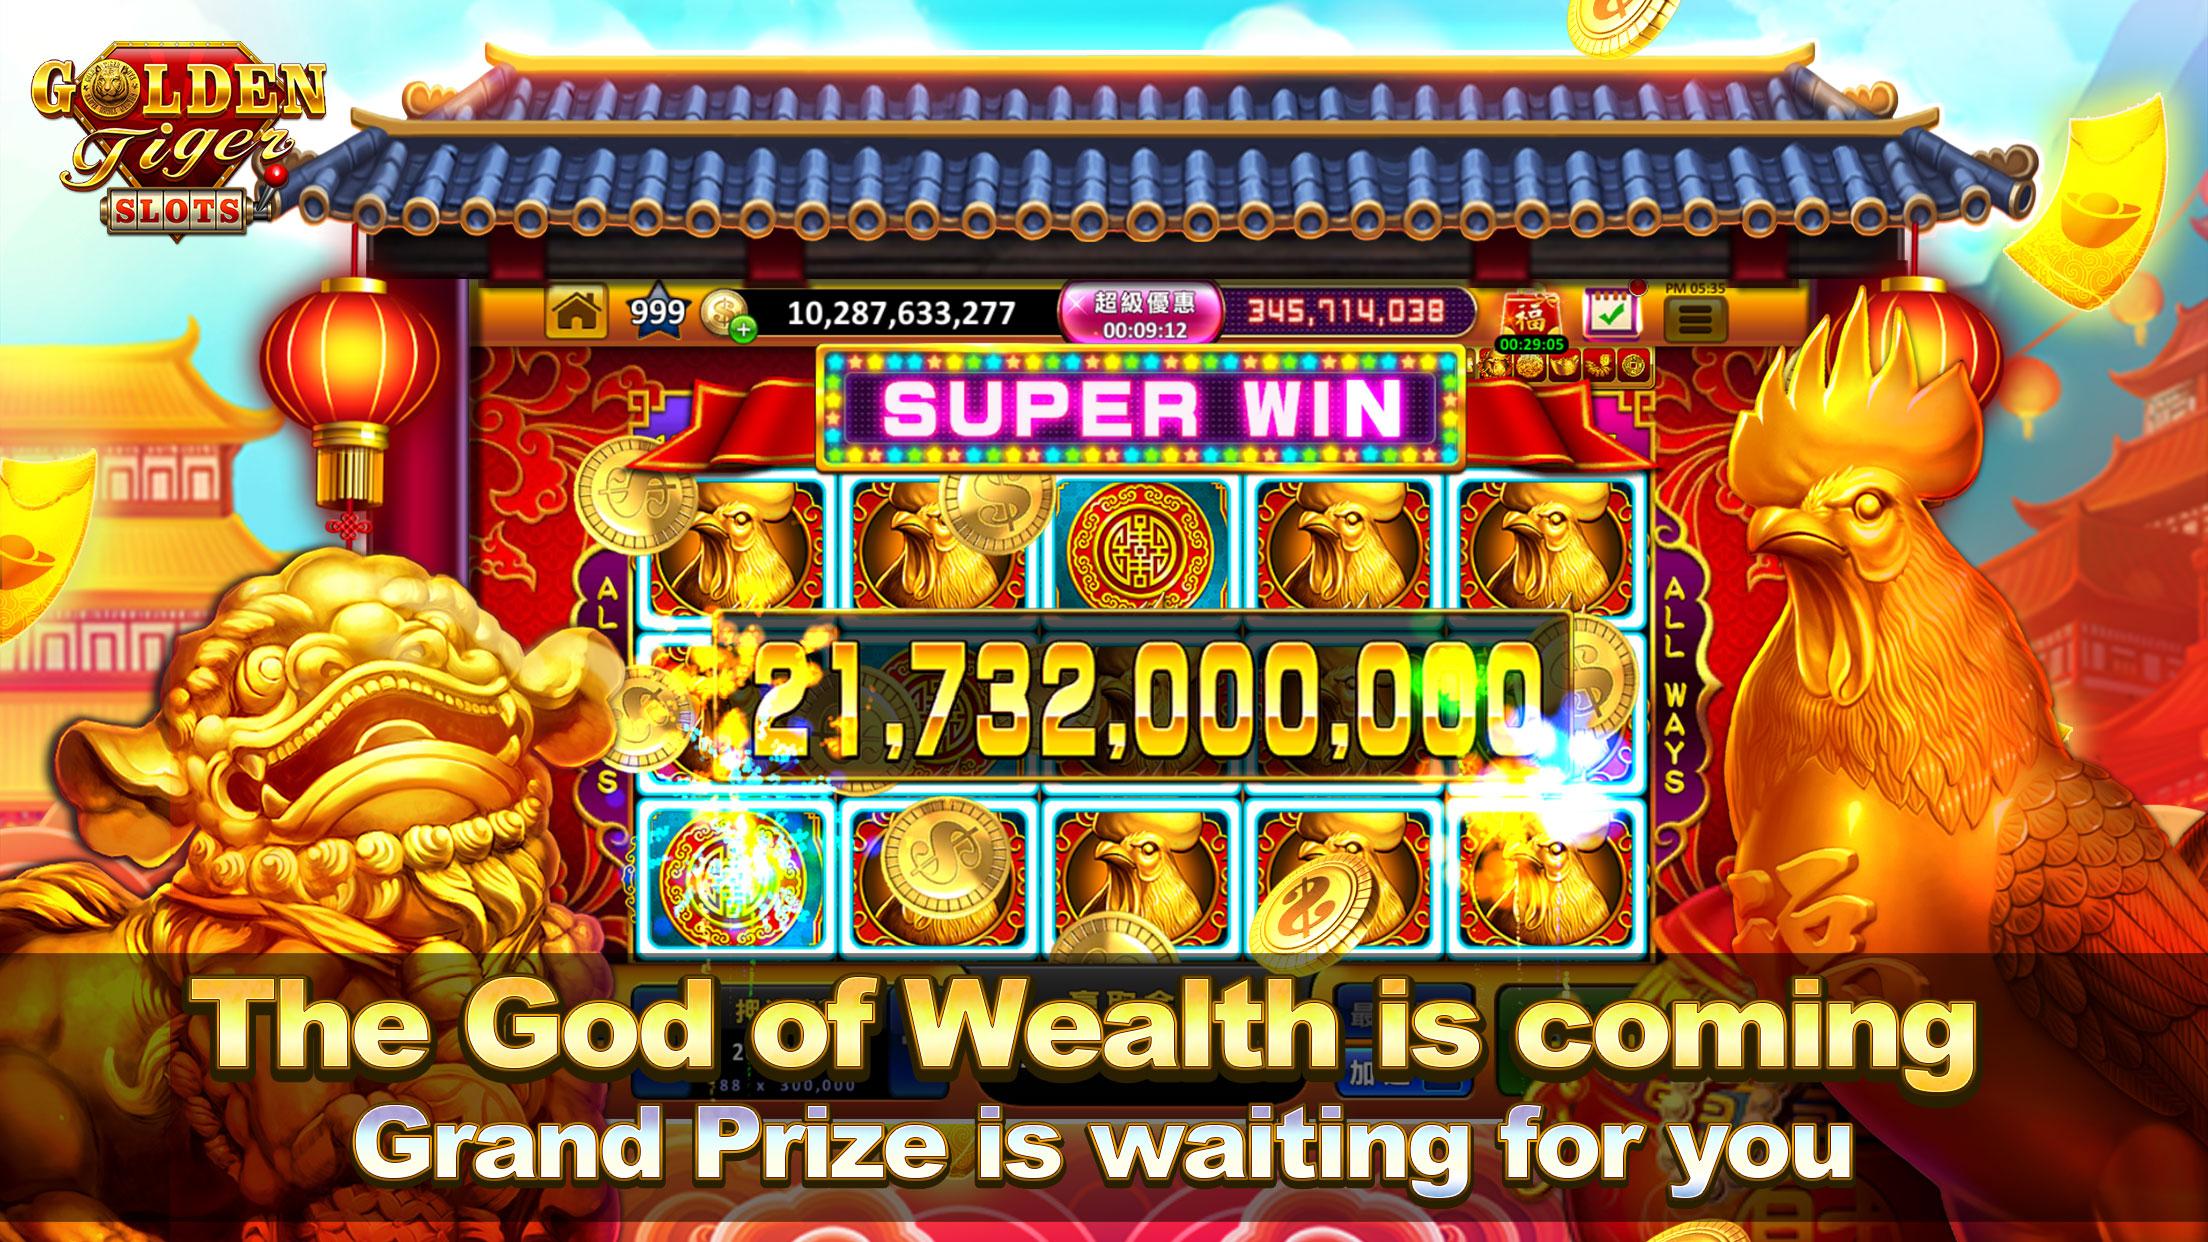 Скачать игры для онлайн казино интернет новые игровые аппараты